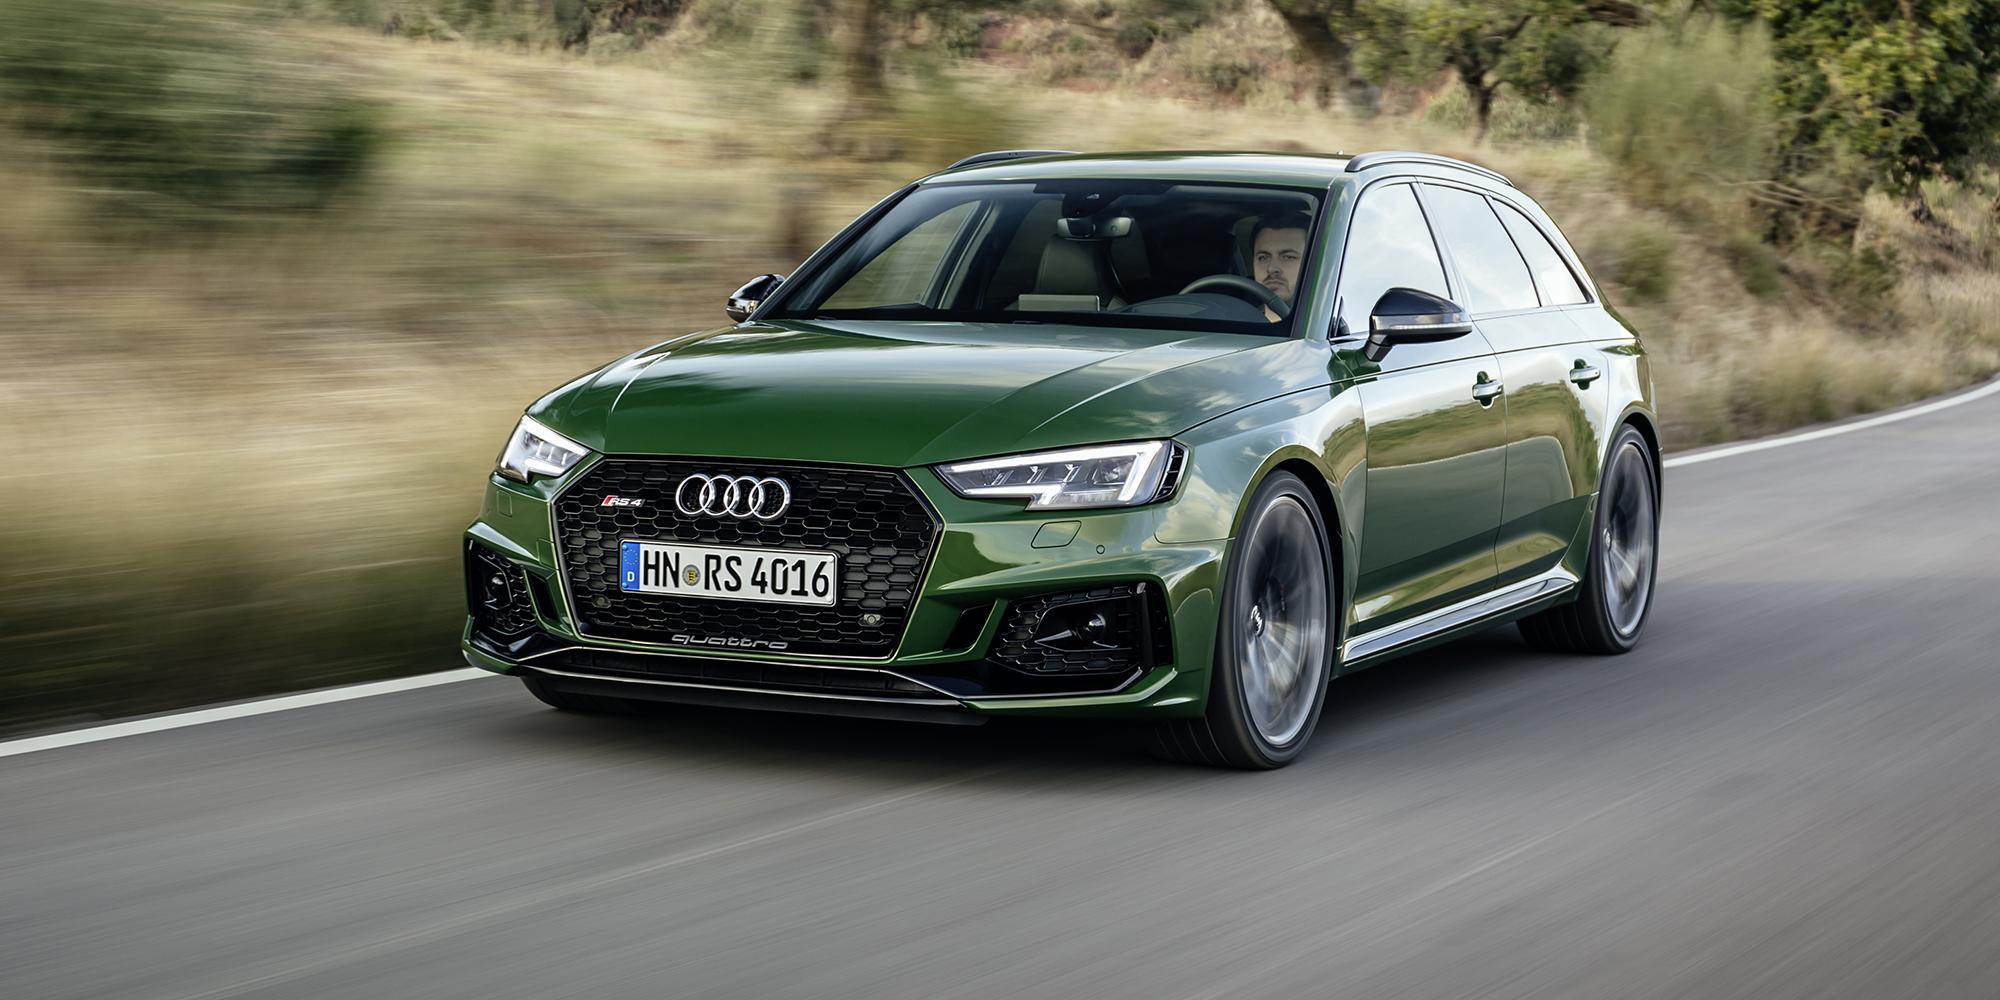 Kelebihan Kekurangan Audi Rs4 Avant 2018 Murah Berkualitas